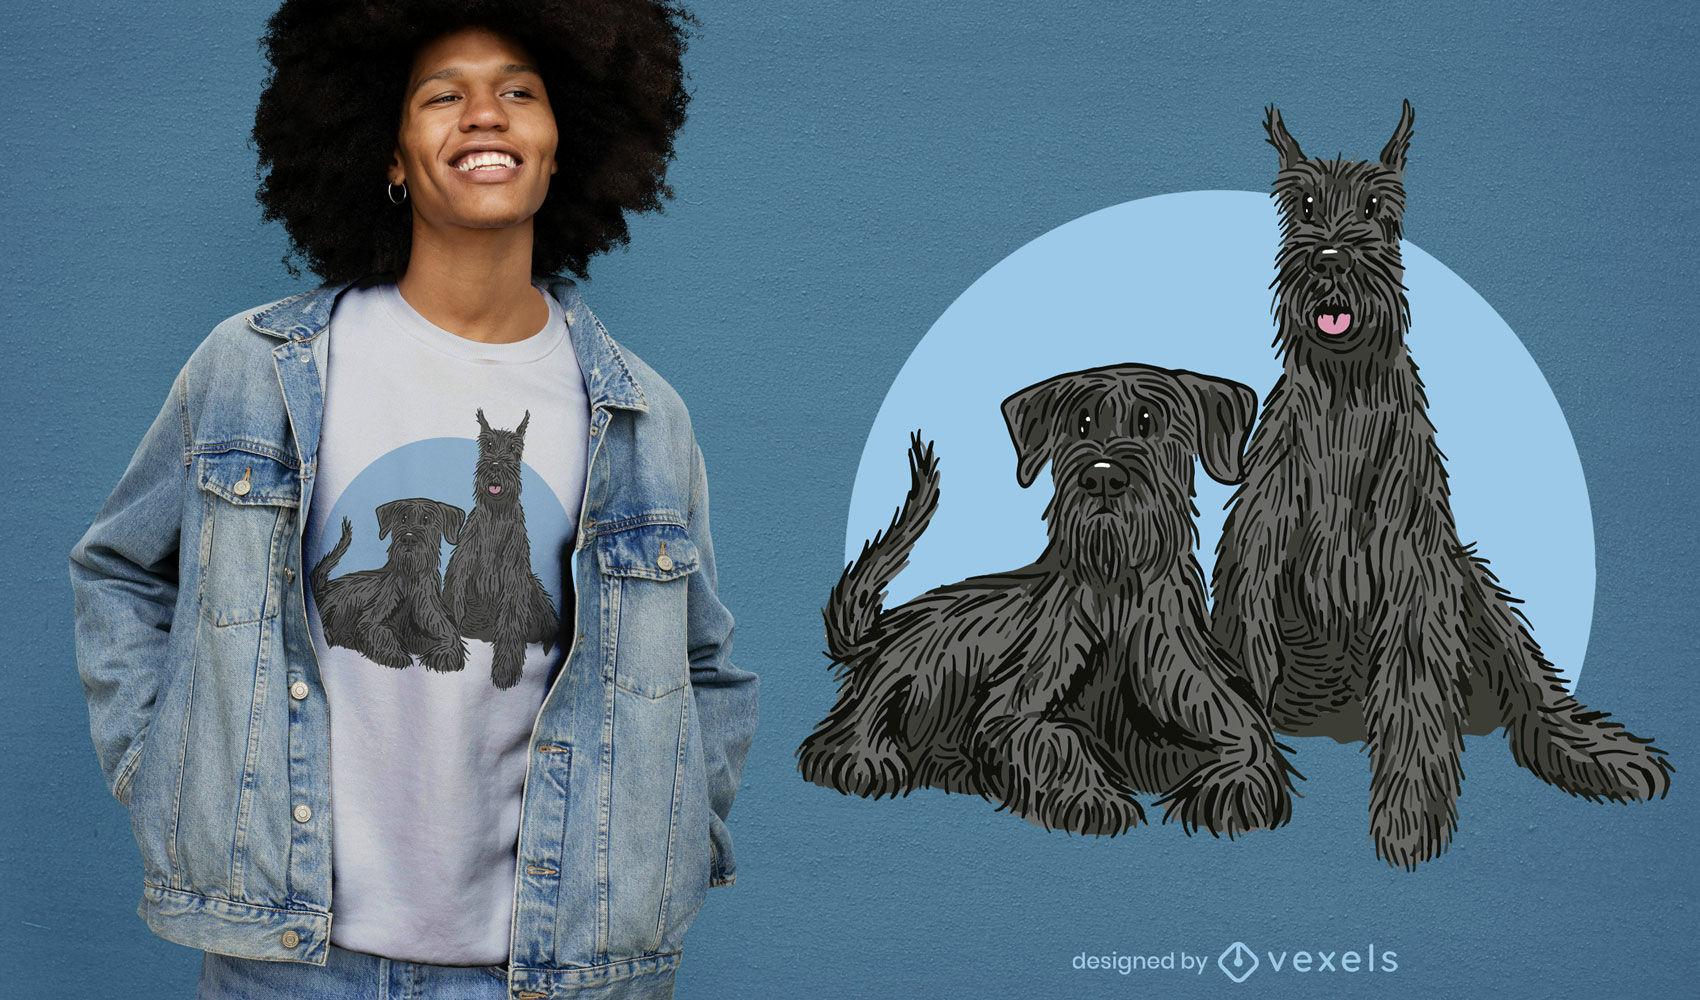 Desenho de t-shirt com ilustração de cães Schnauzer